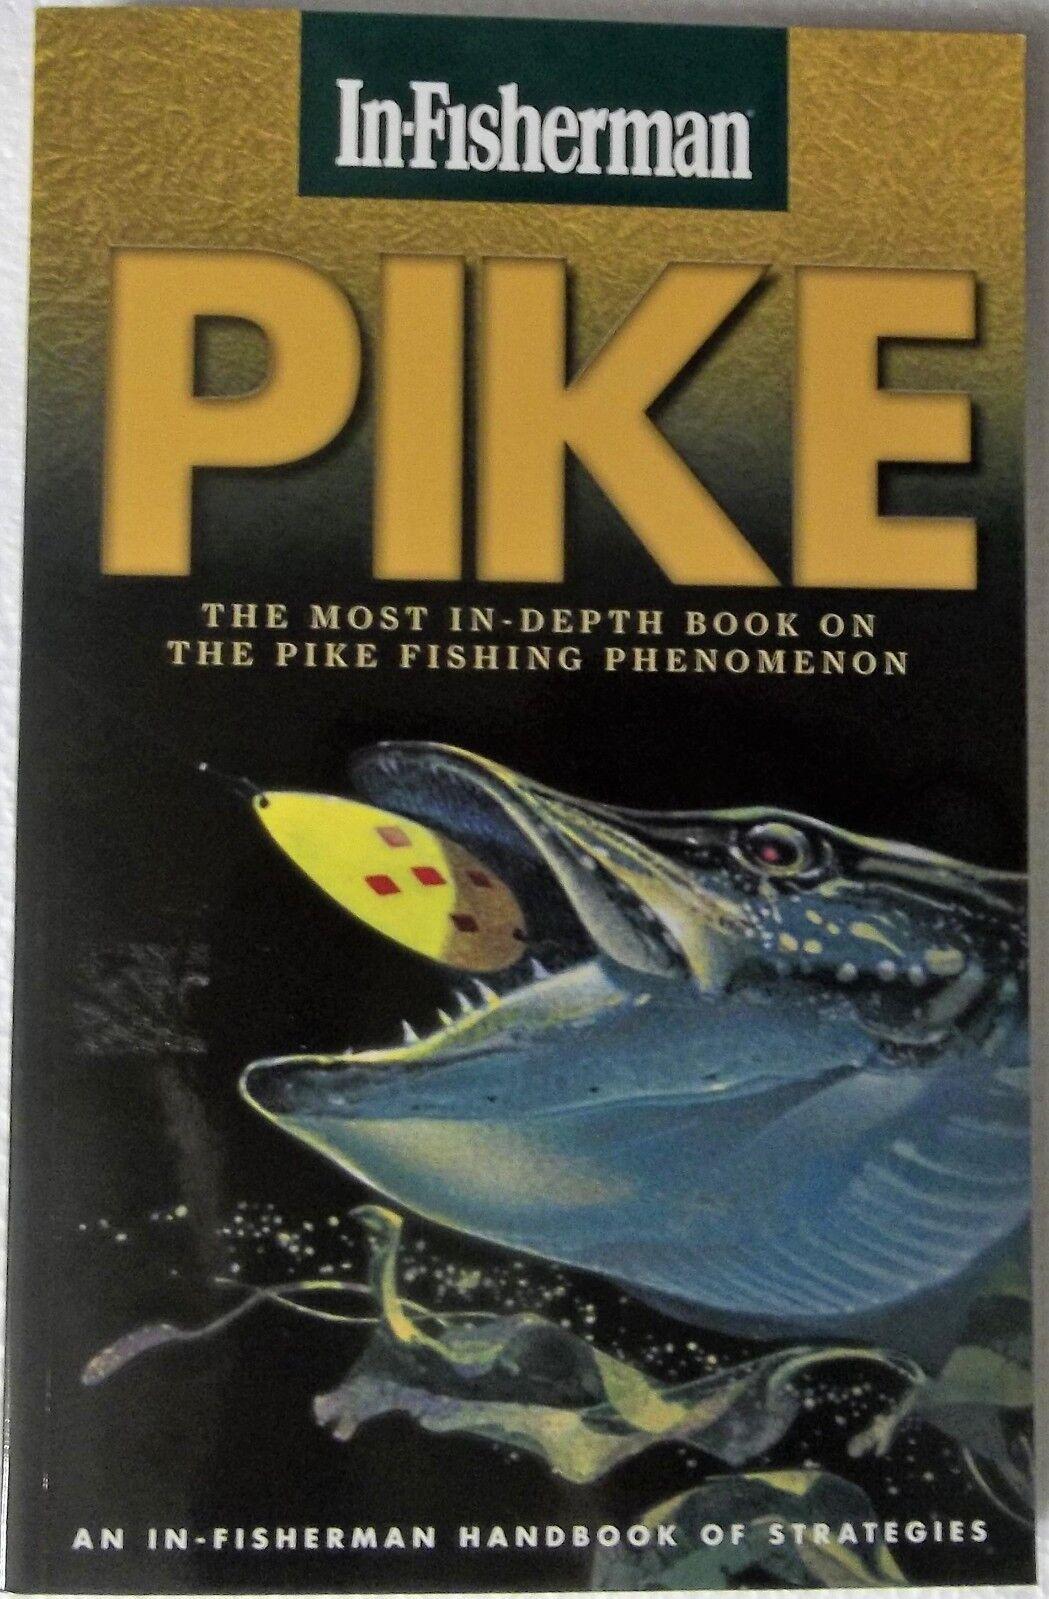 In-Fisherman PIKE Handbook of Strategies 9780929384528